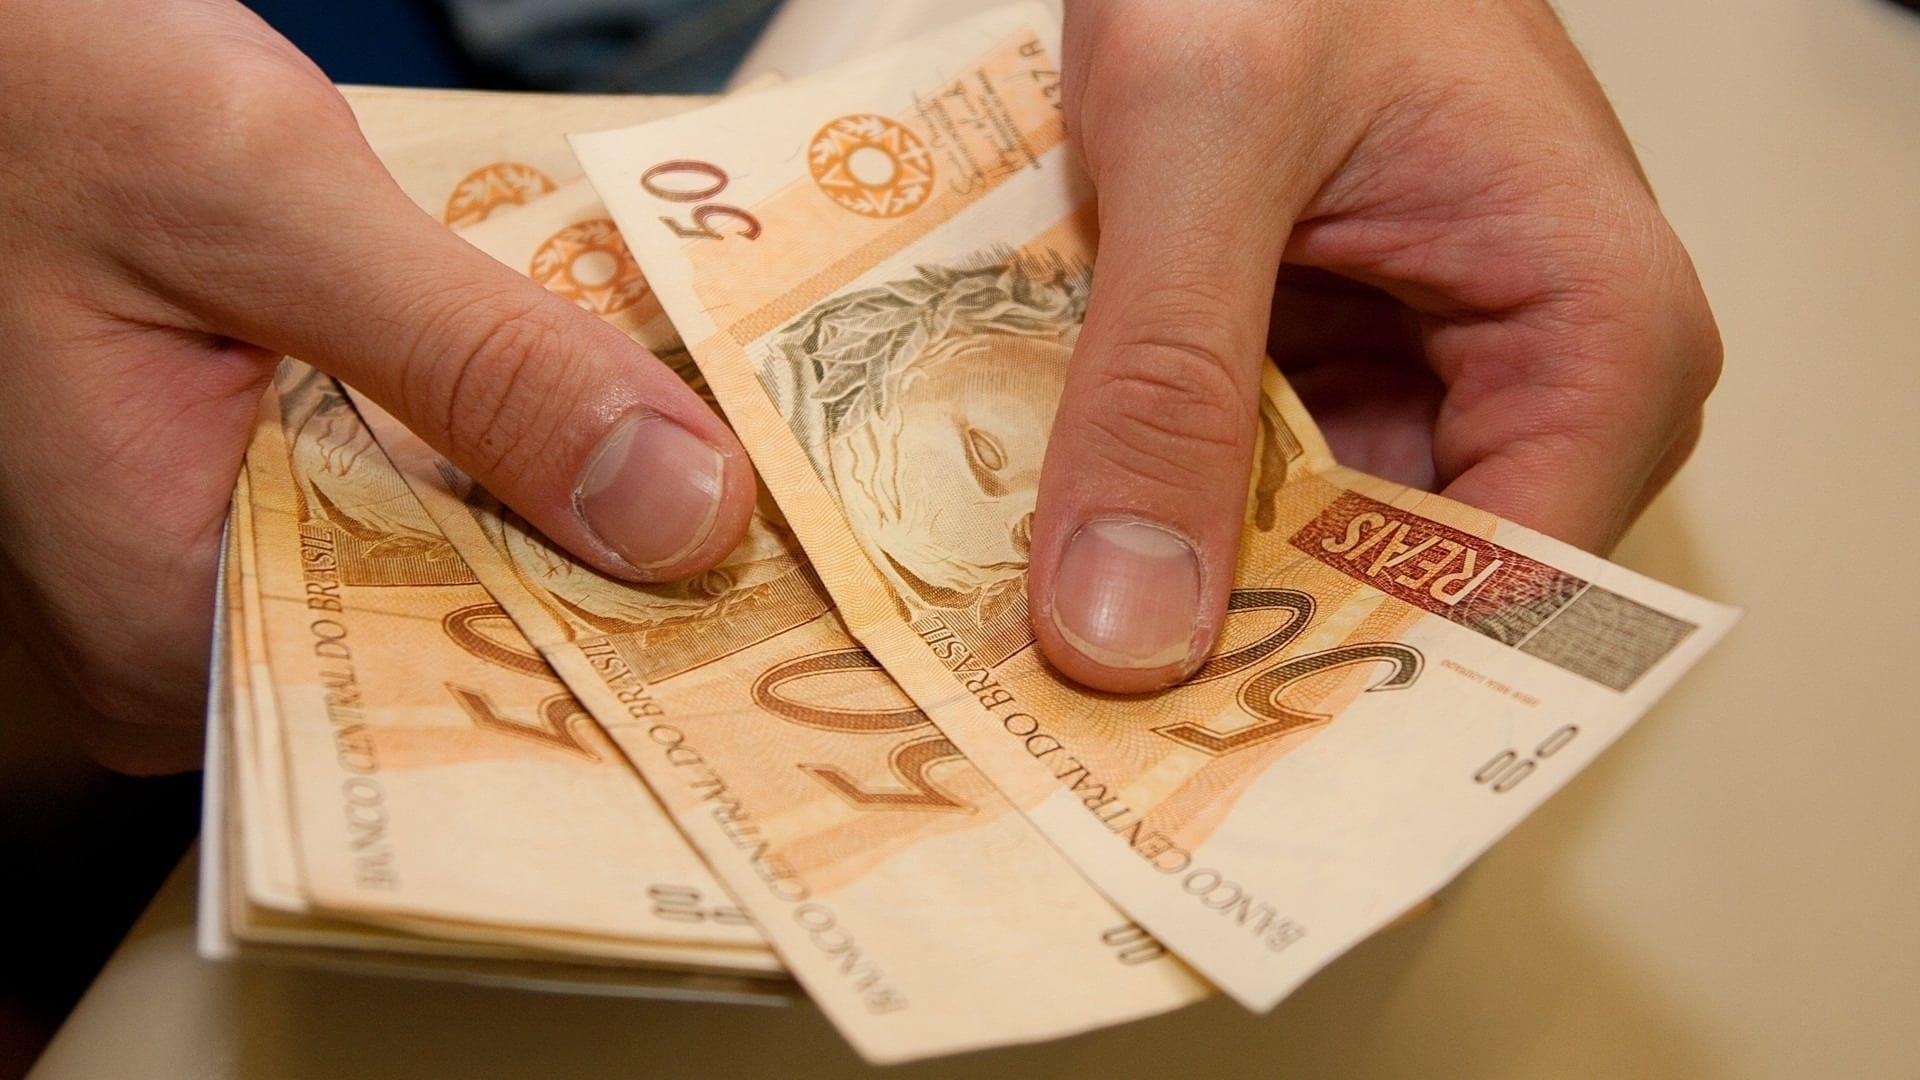 emprestando dinheiro em investimentos alternativos 4